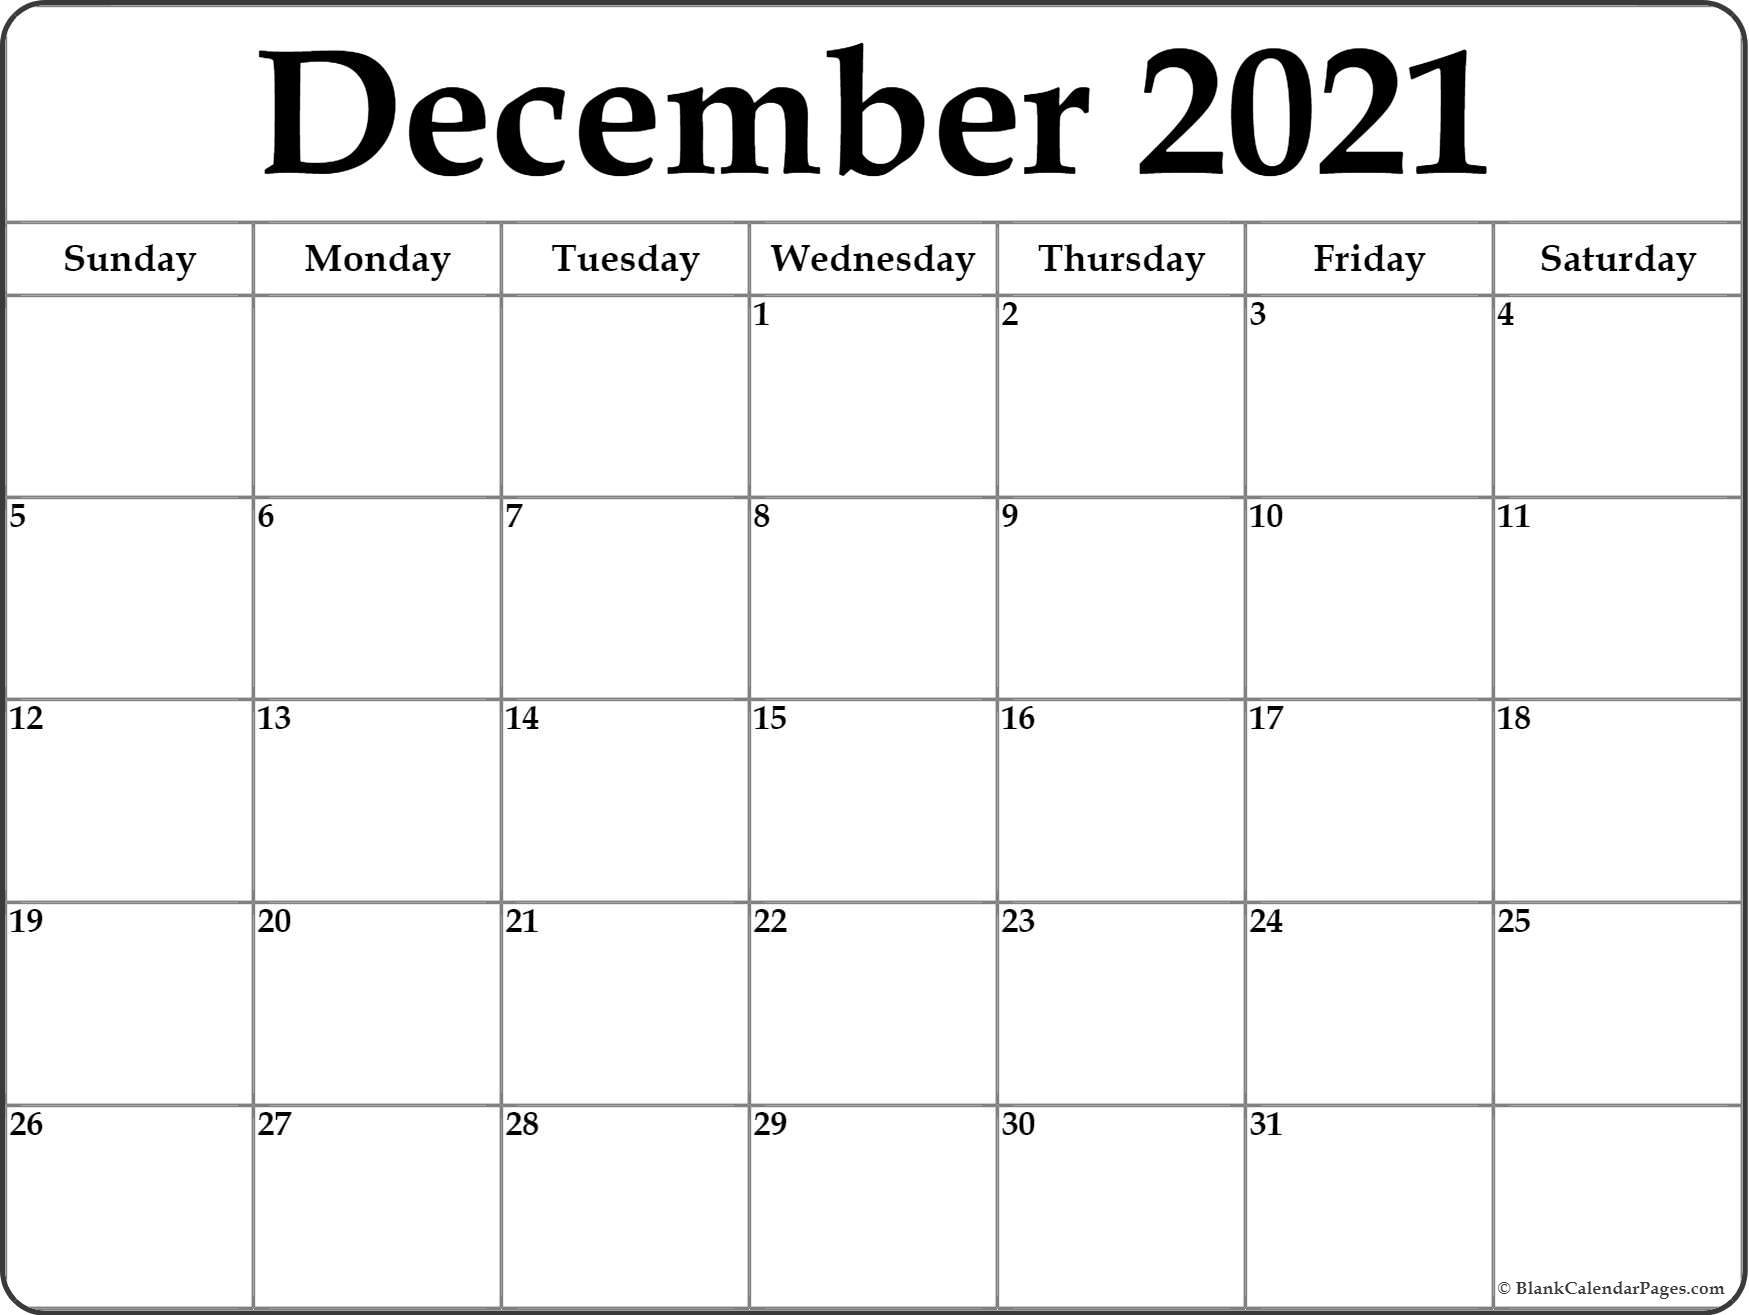 Pick December Christmas 2021 Calendar Template